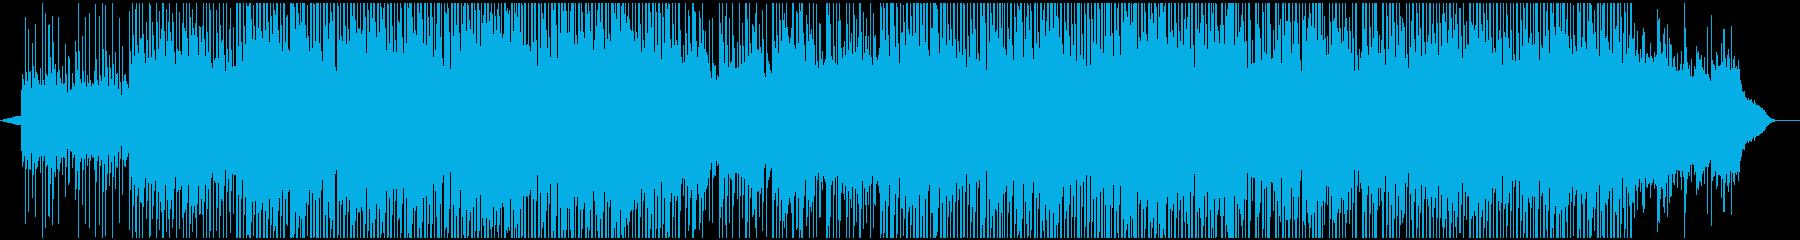 ポップ テクノ おしゃれ お祭り ...の再生済みの波形